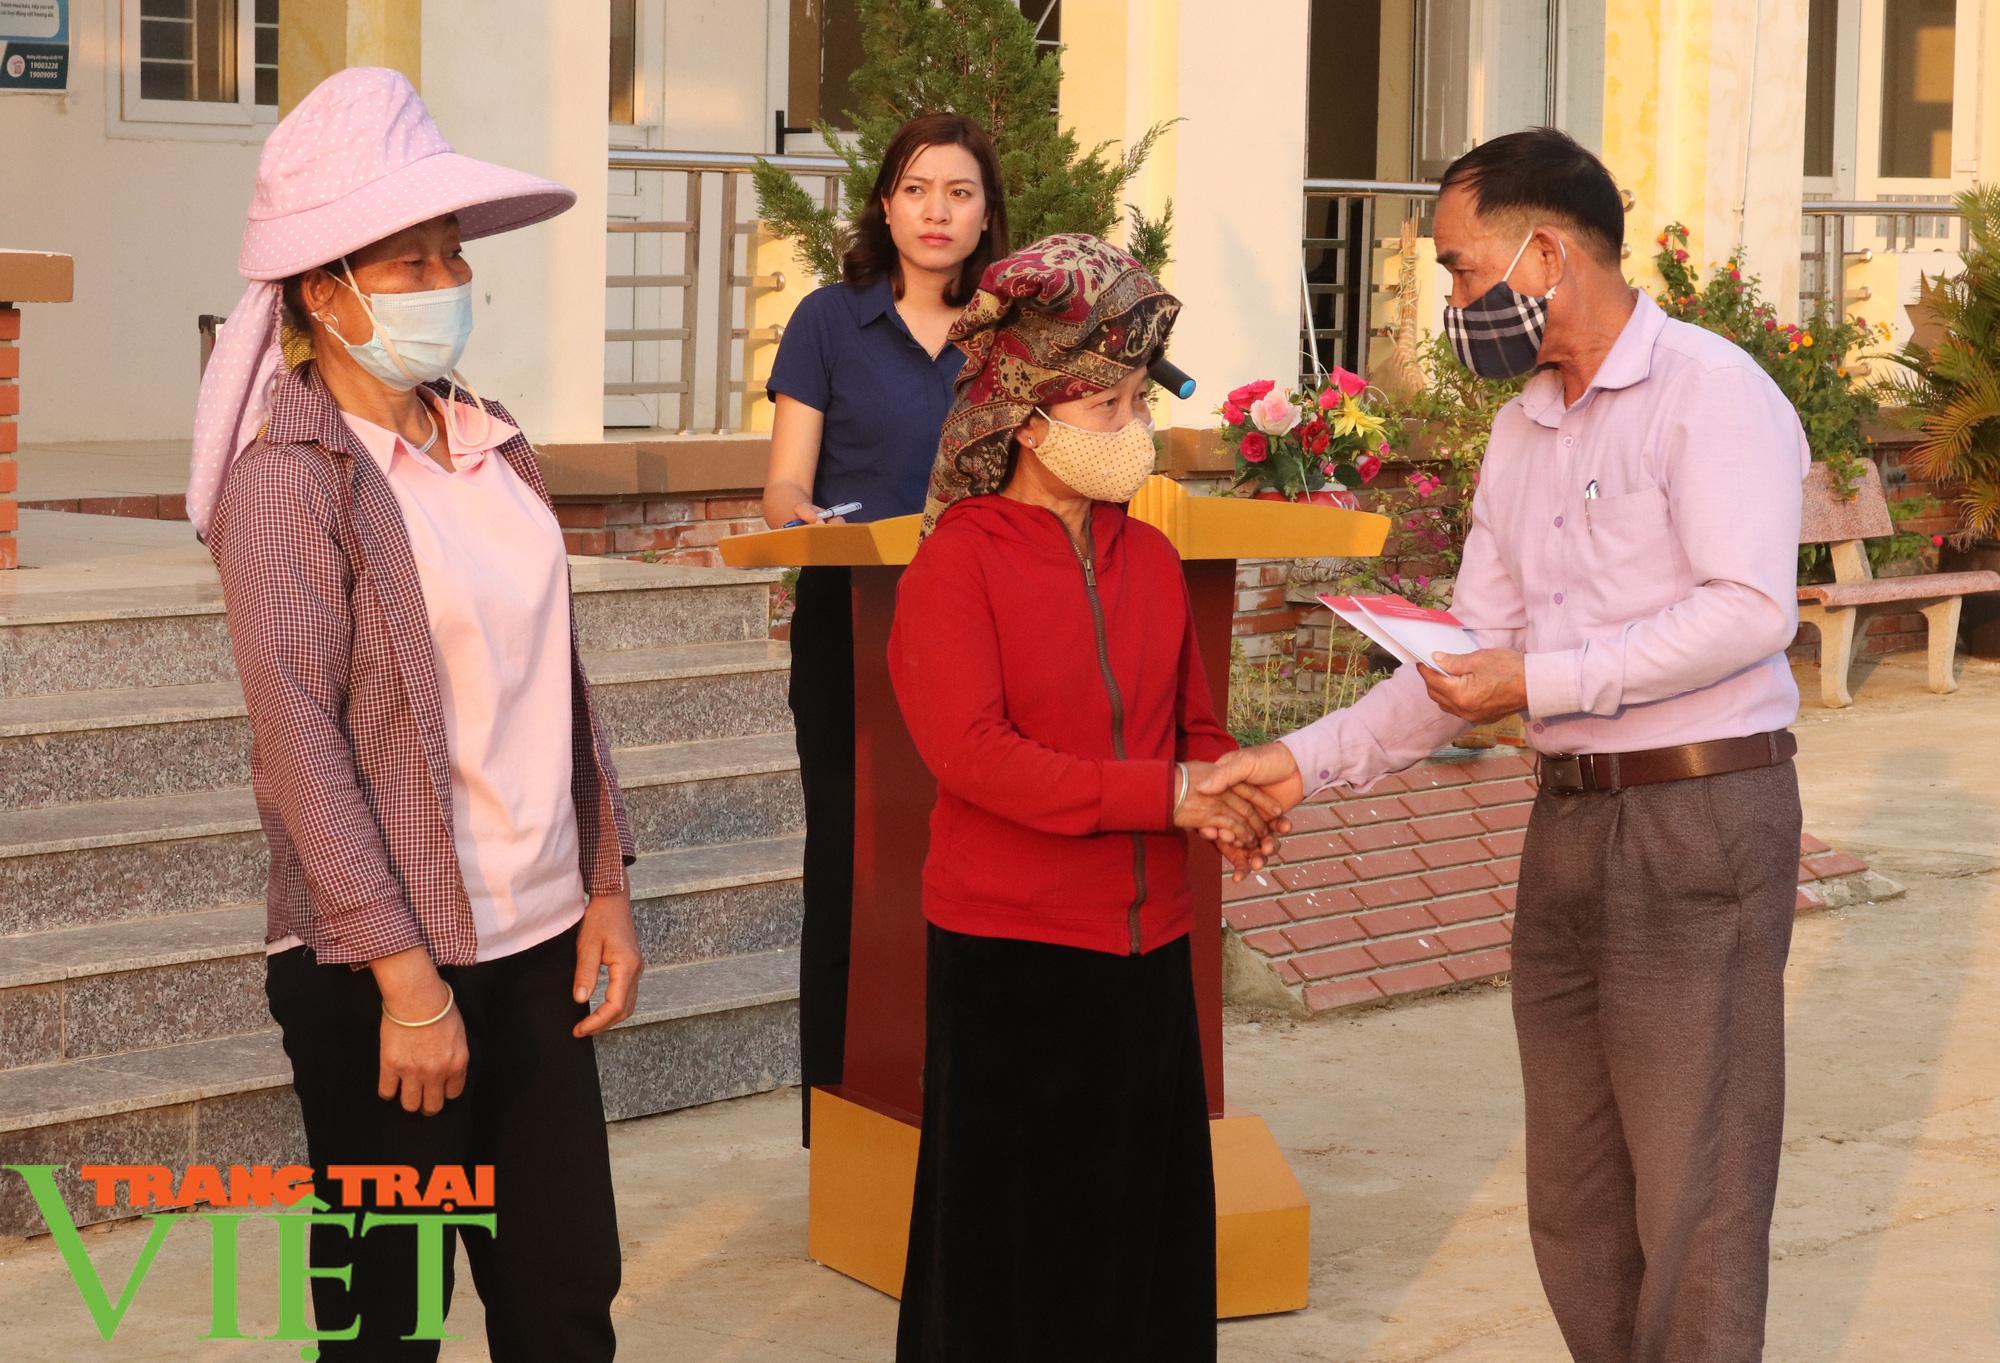 Báo NTNN/Dân Việt/Trang Trại Việt chung tay lo tết với nông dân nghèo Sơn La  - Ảnh 6.